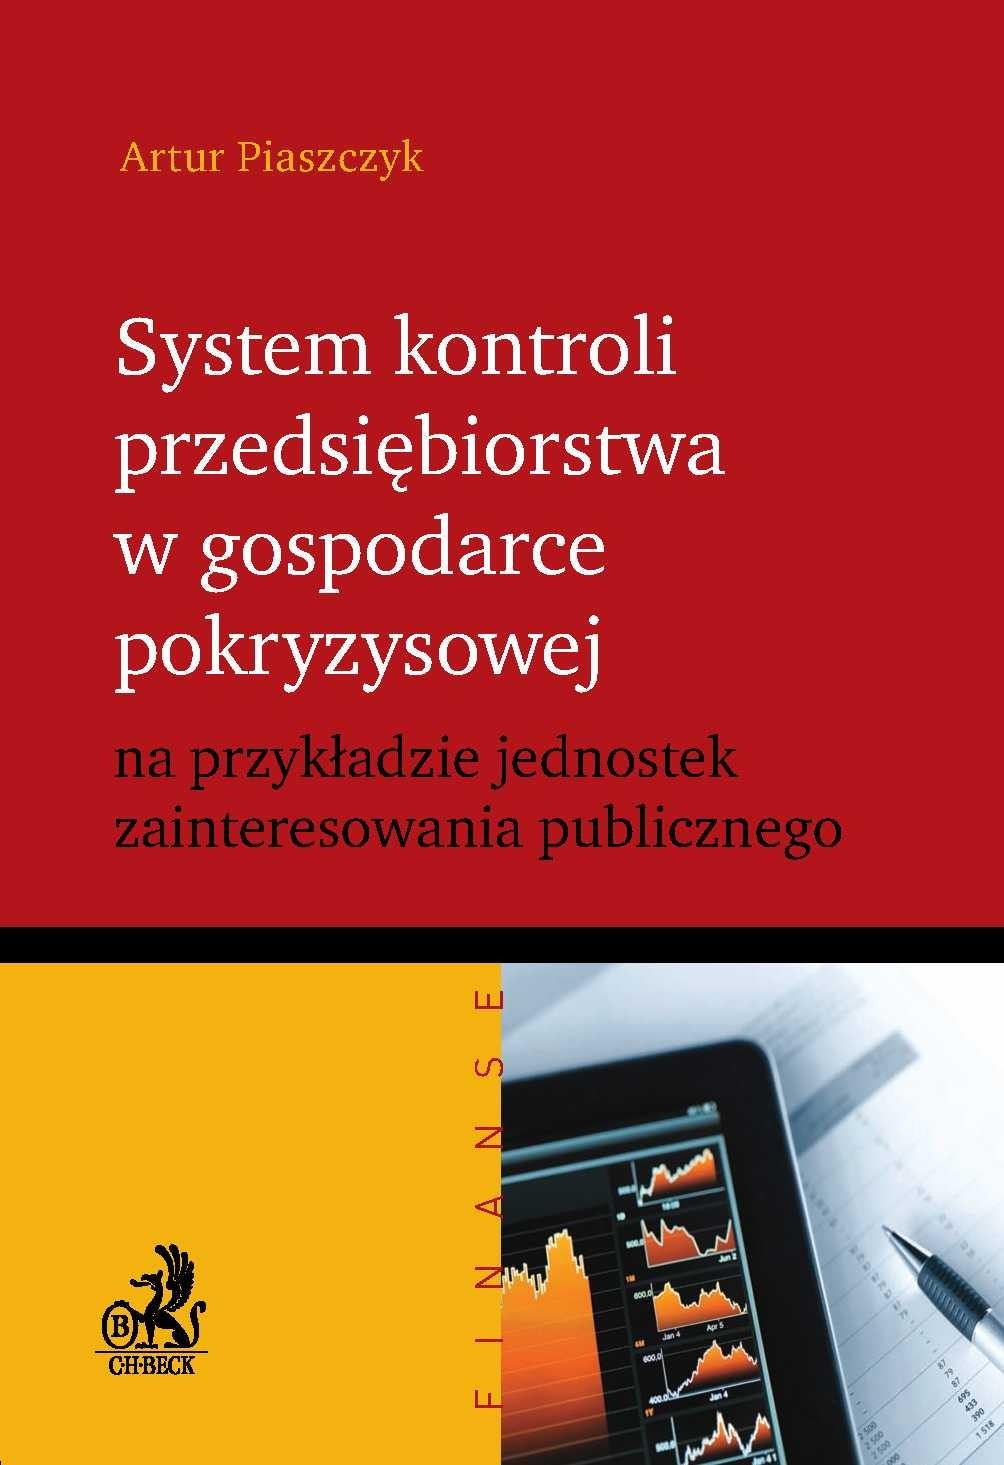 System kontroli przedsiębiorstwa w gospodarce pokryzysowej na przykładzie jednostek zainteresowania publicznego - Ebook (Książka PDF) do pobrania w formacie PDF